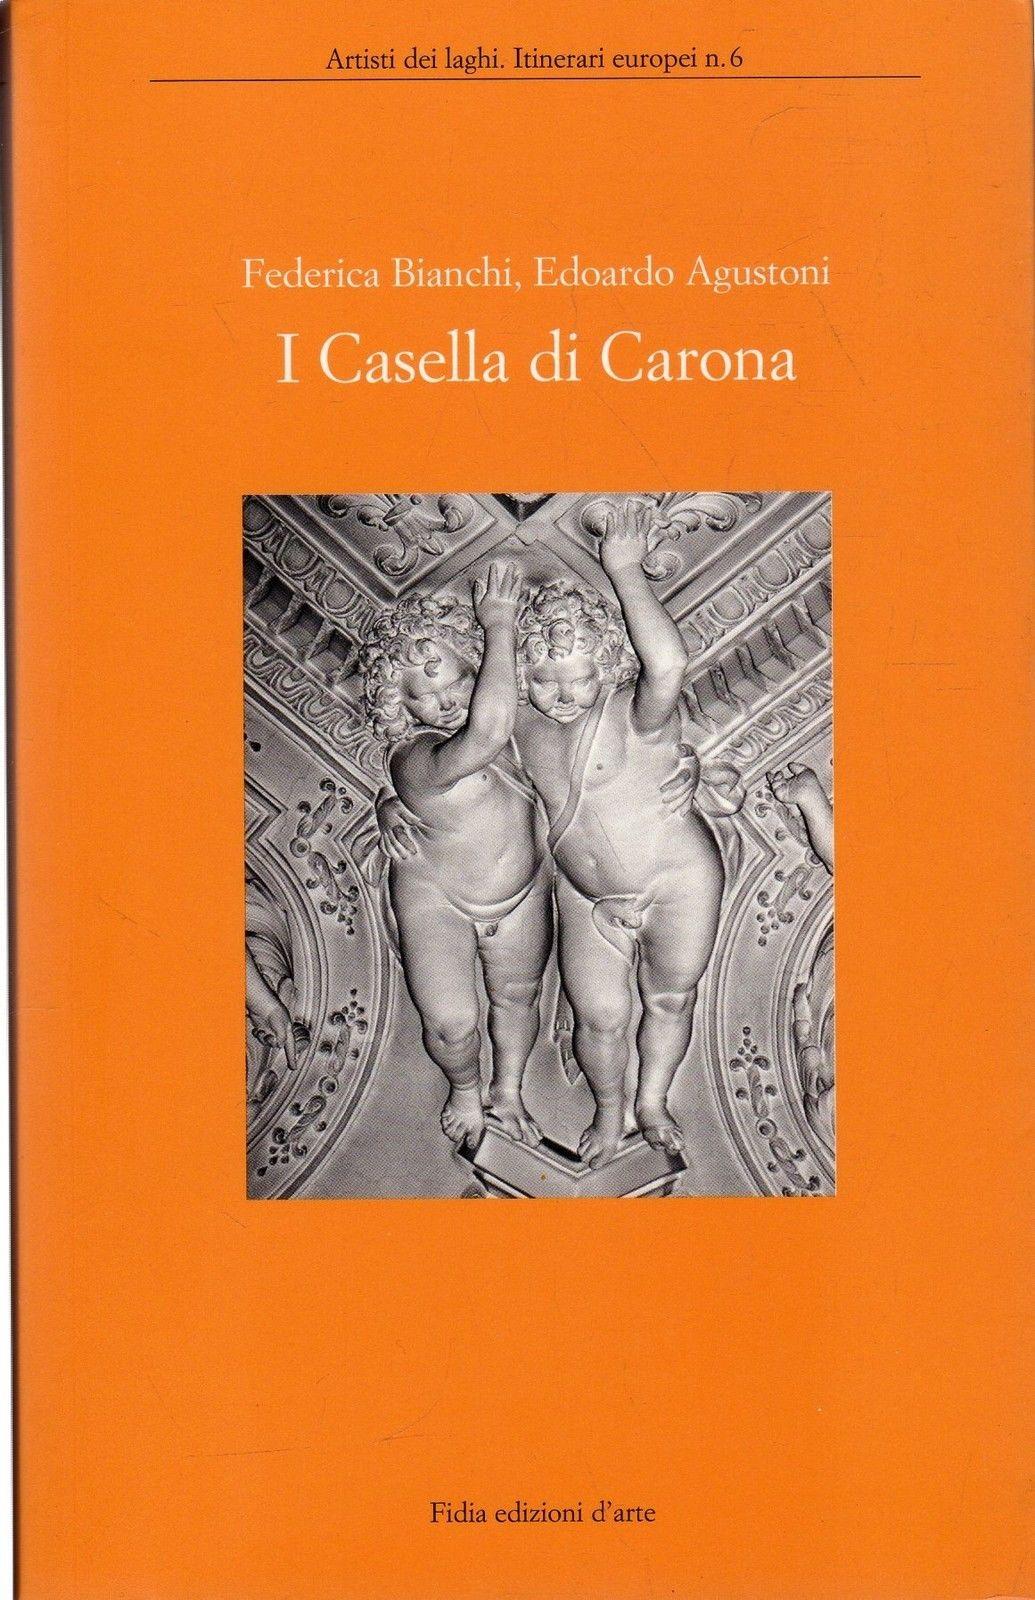 I Casella di Carona